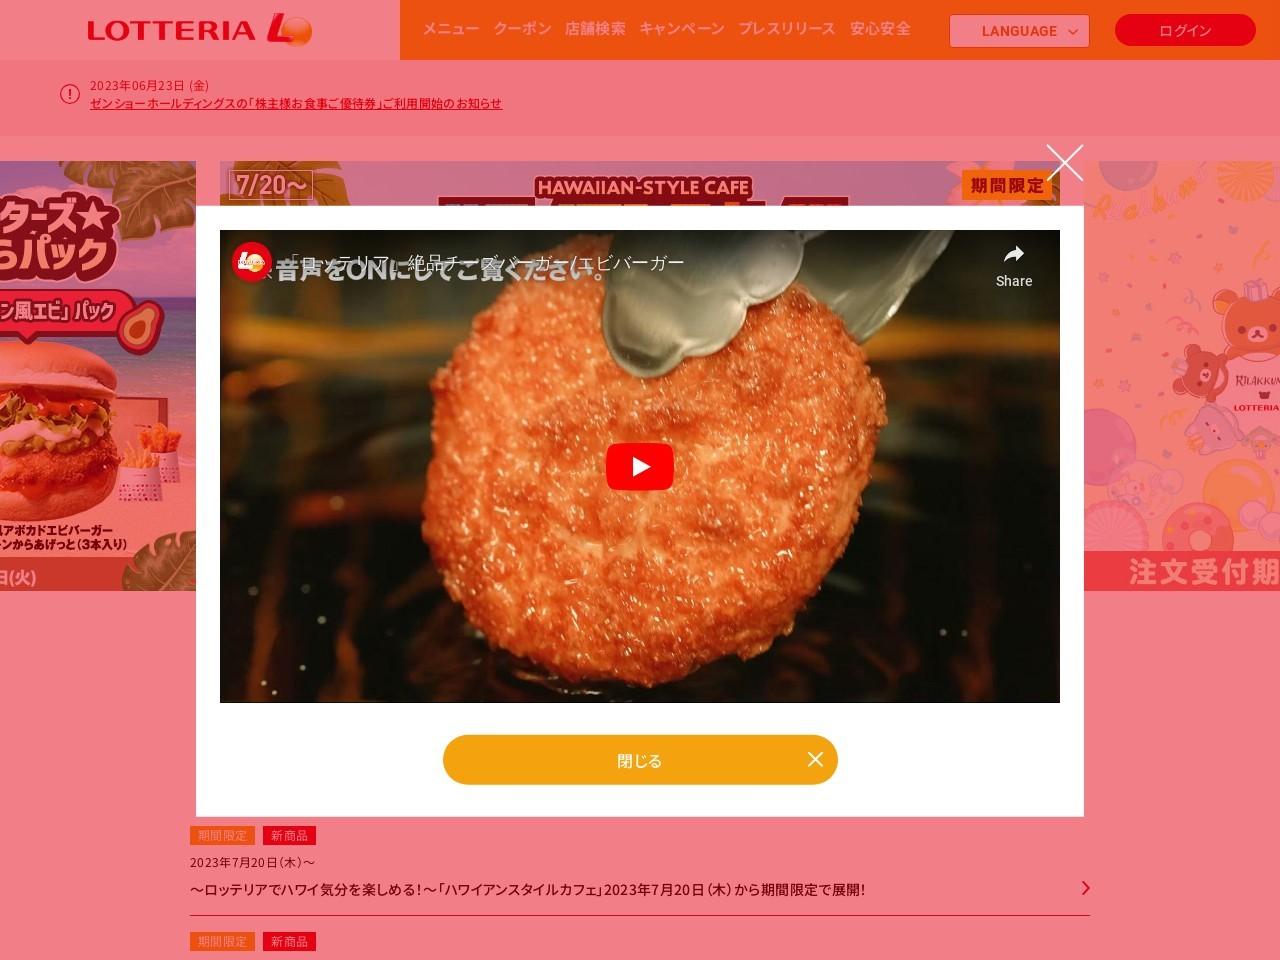 https://www.lotteria.jp/news_release/2014/news06230001.html